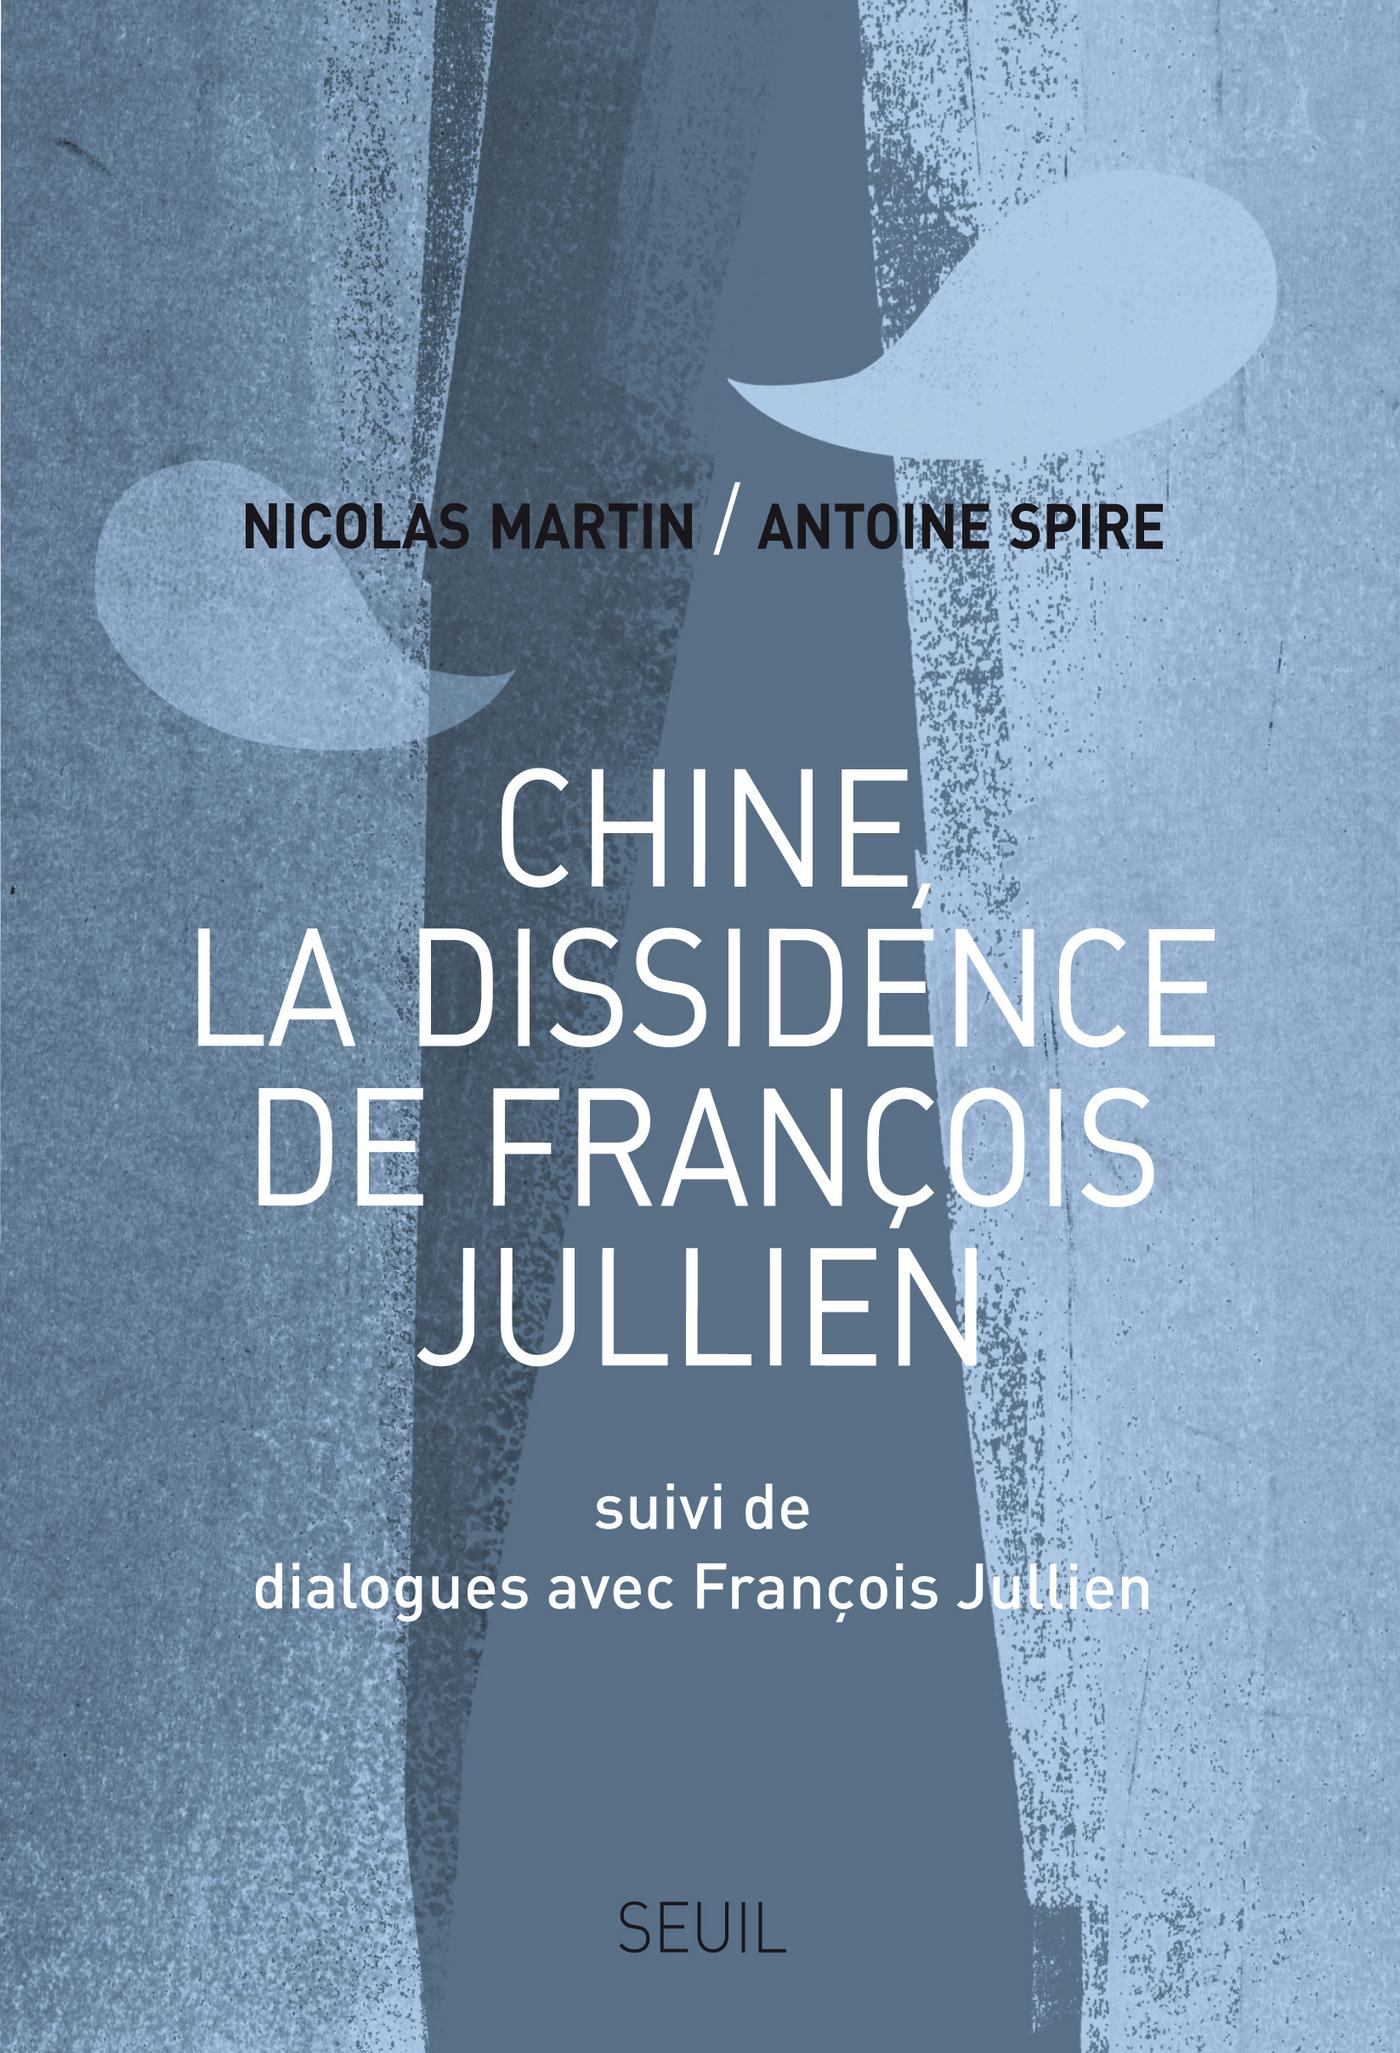 Chine, la dissidence de François Jullien. Suivi de Dialogues avec François Jullien